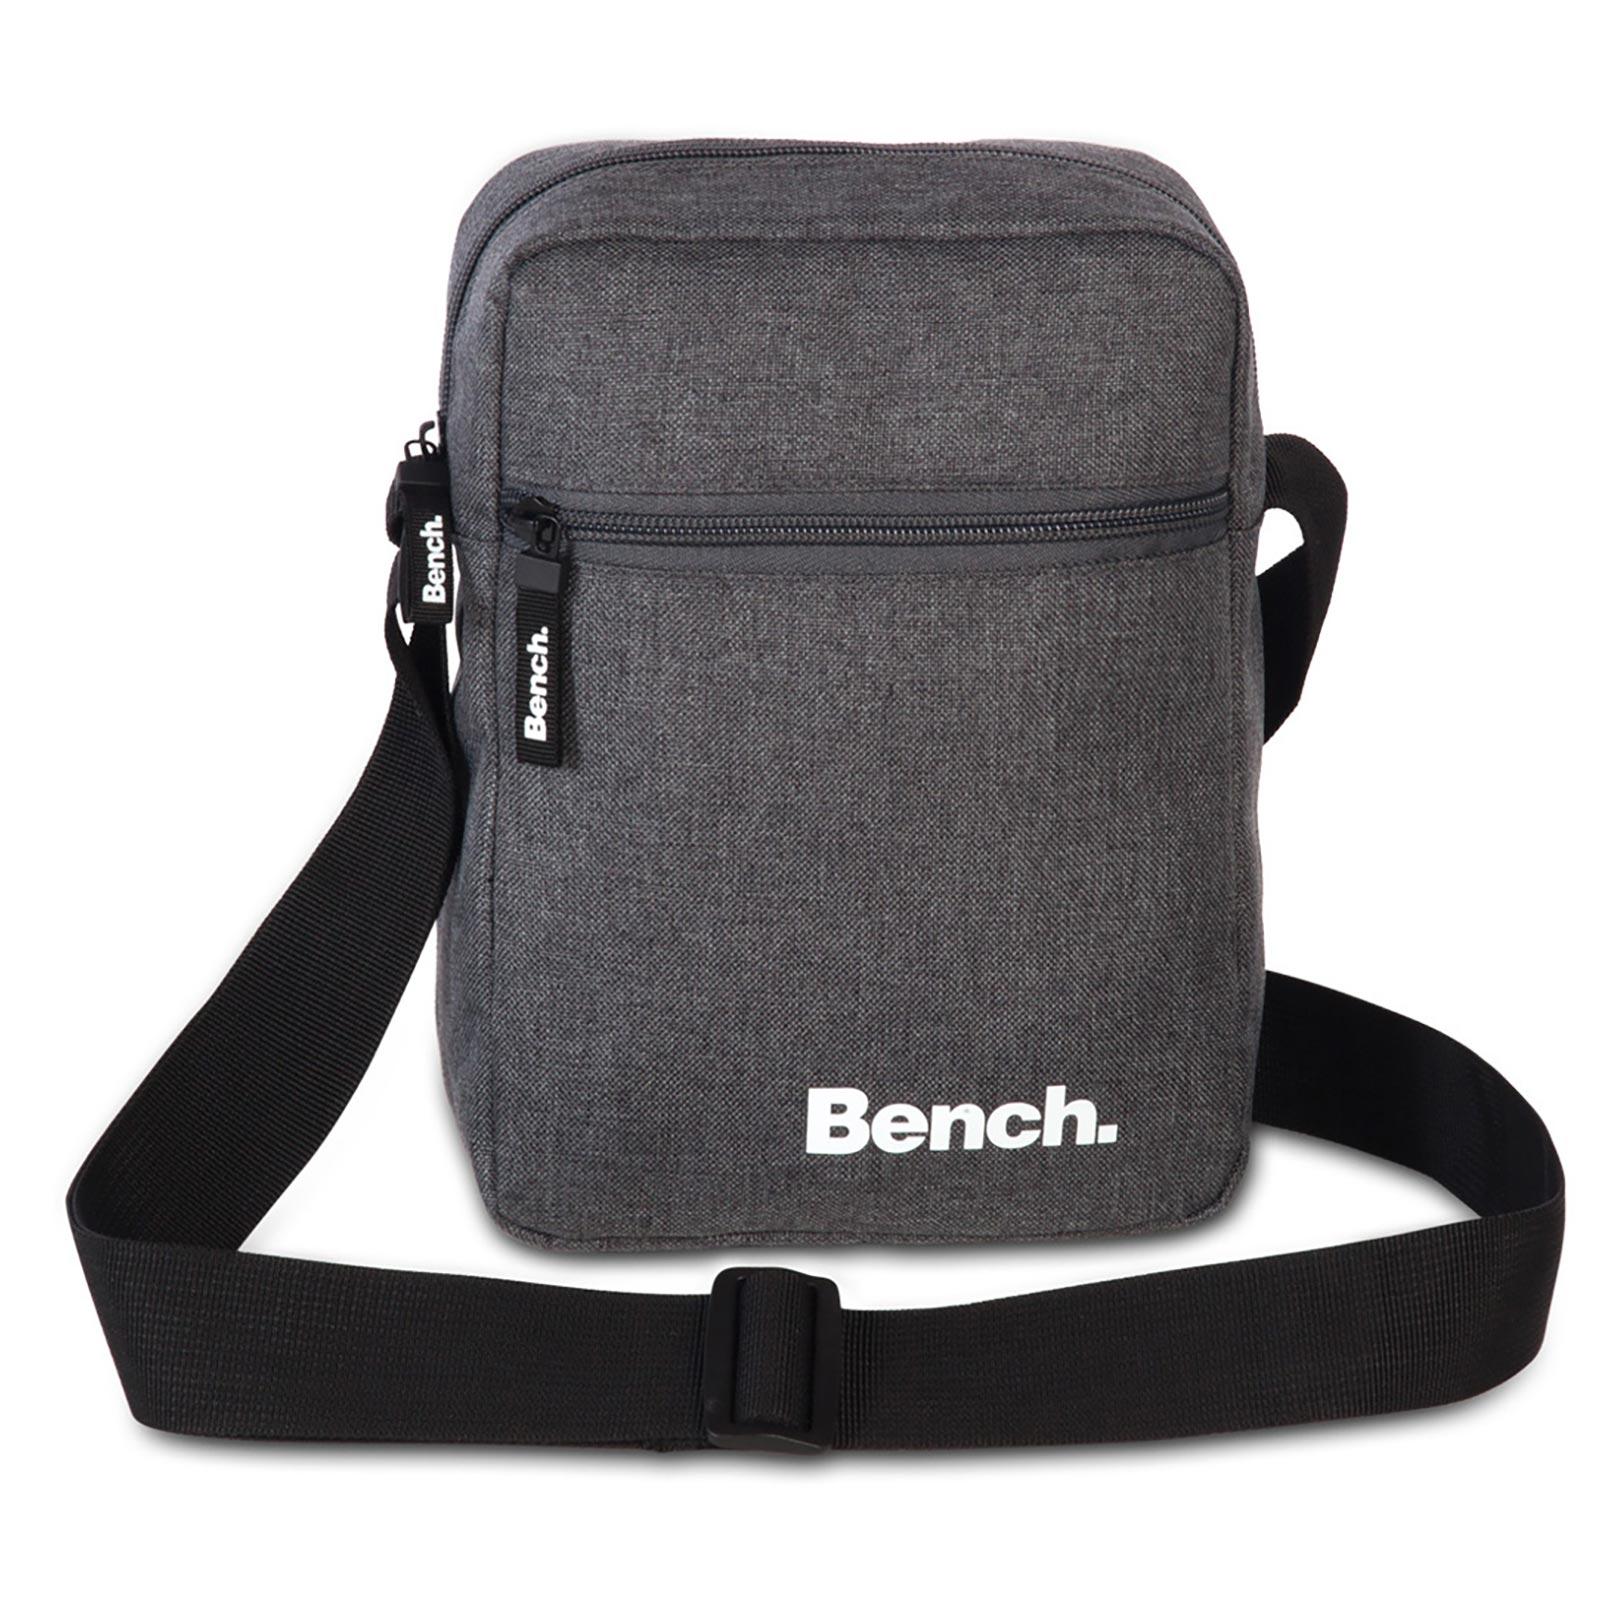 Bench Classic Umhängetasche 23 cm - Grau 64153-1700